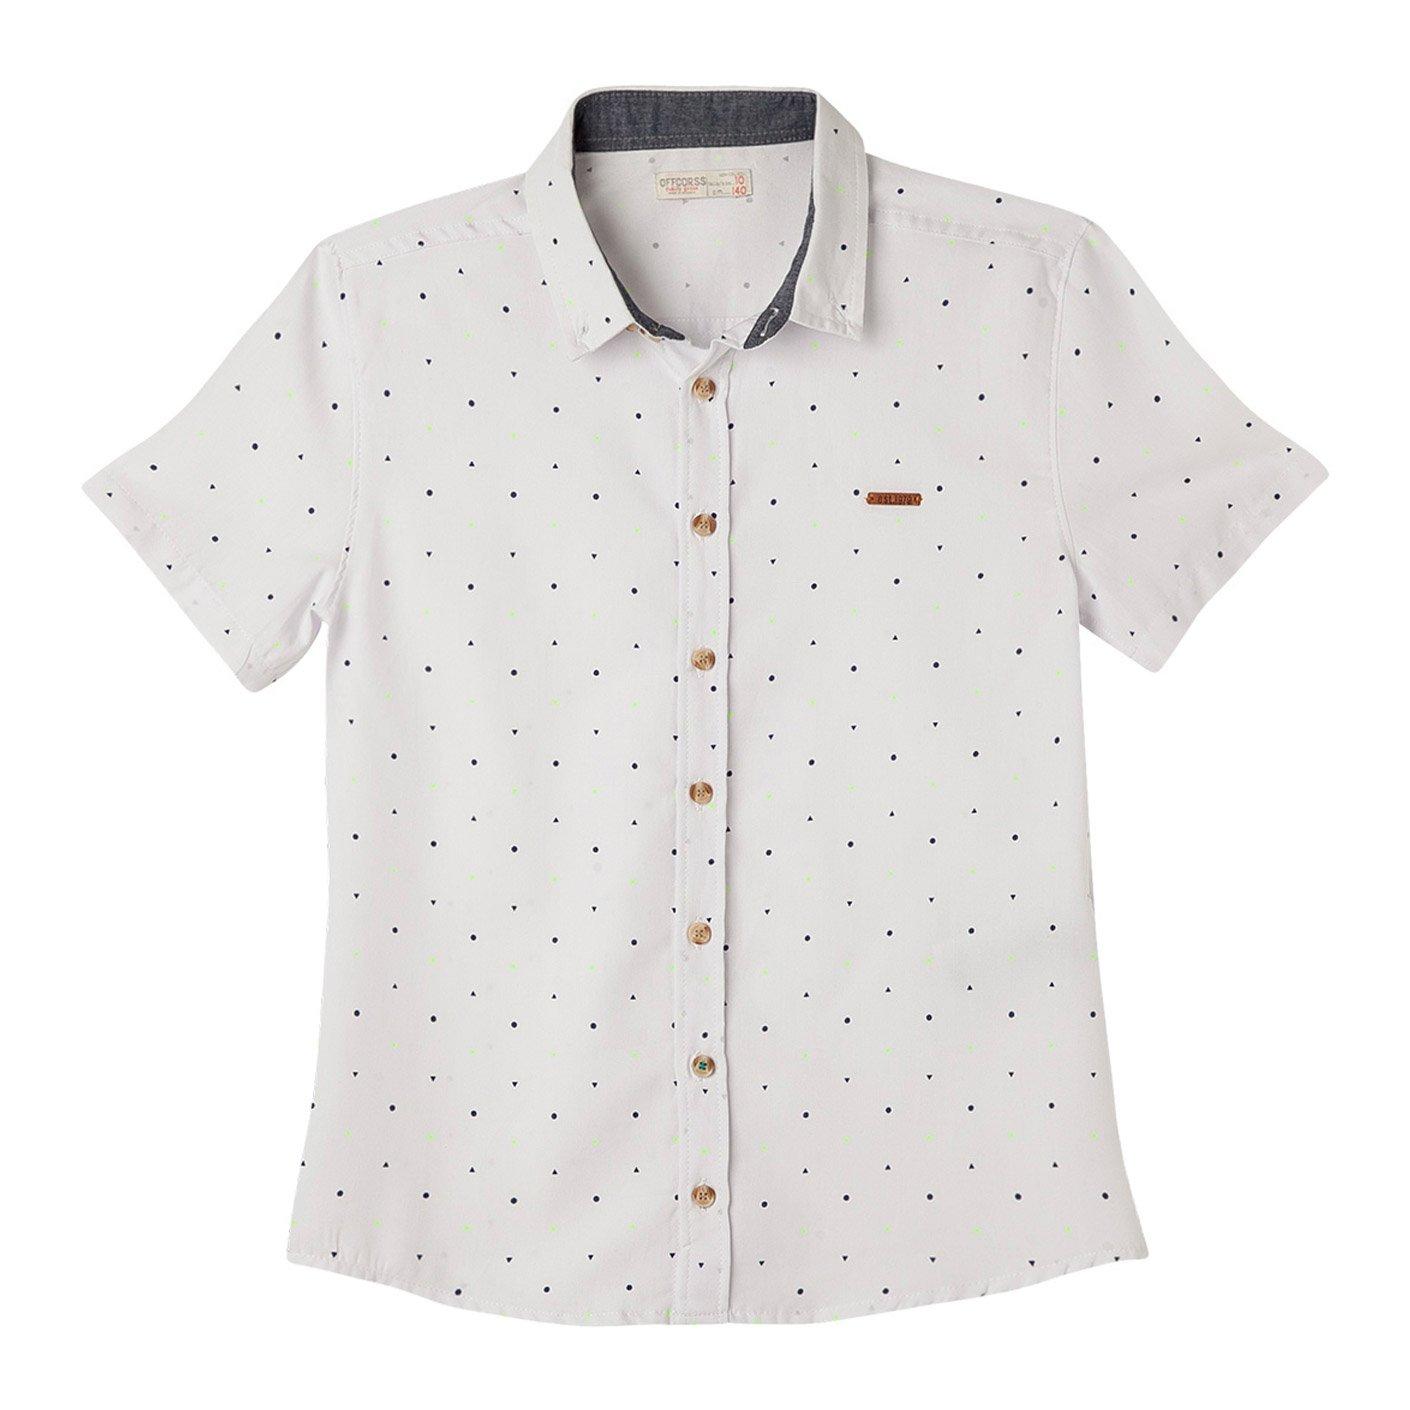 OFFCORSS Big Boys Teen Kid Polo Short Sleeve Camiseta Manga Corta Niño Grande